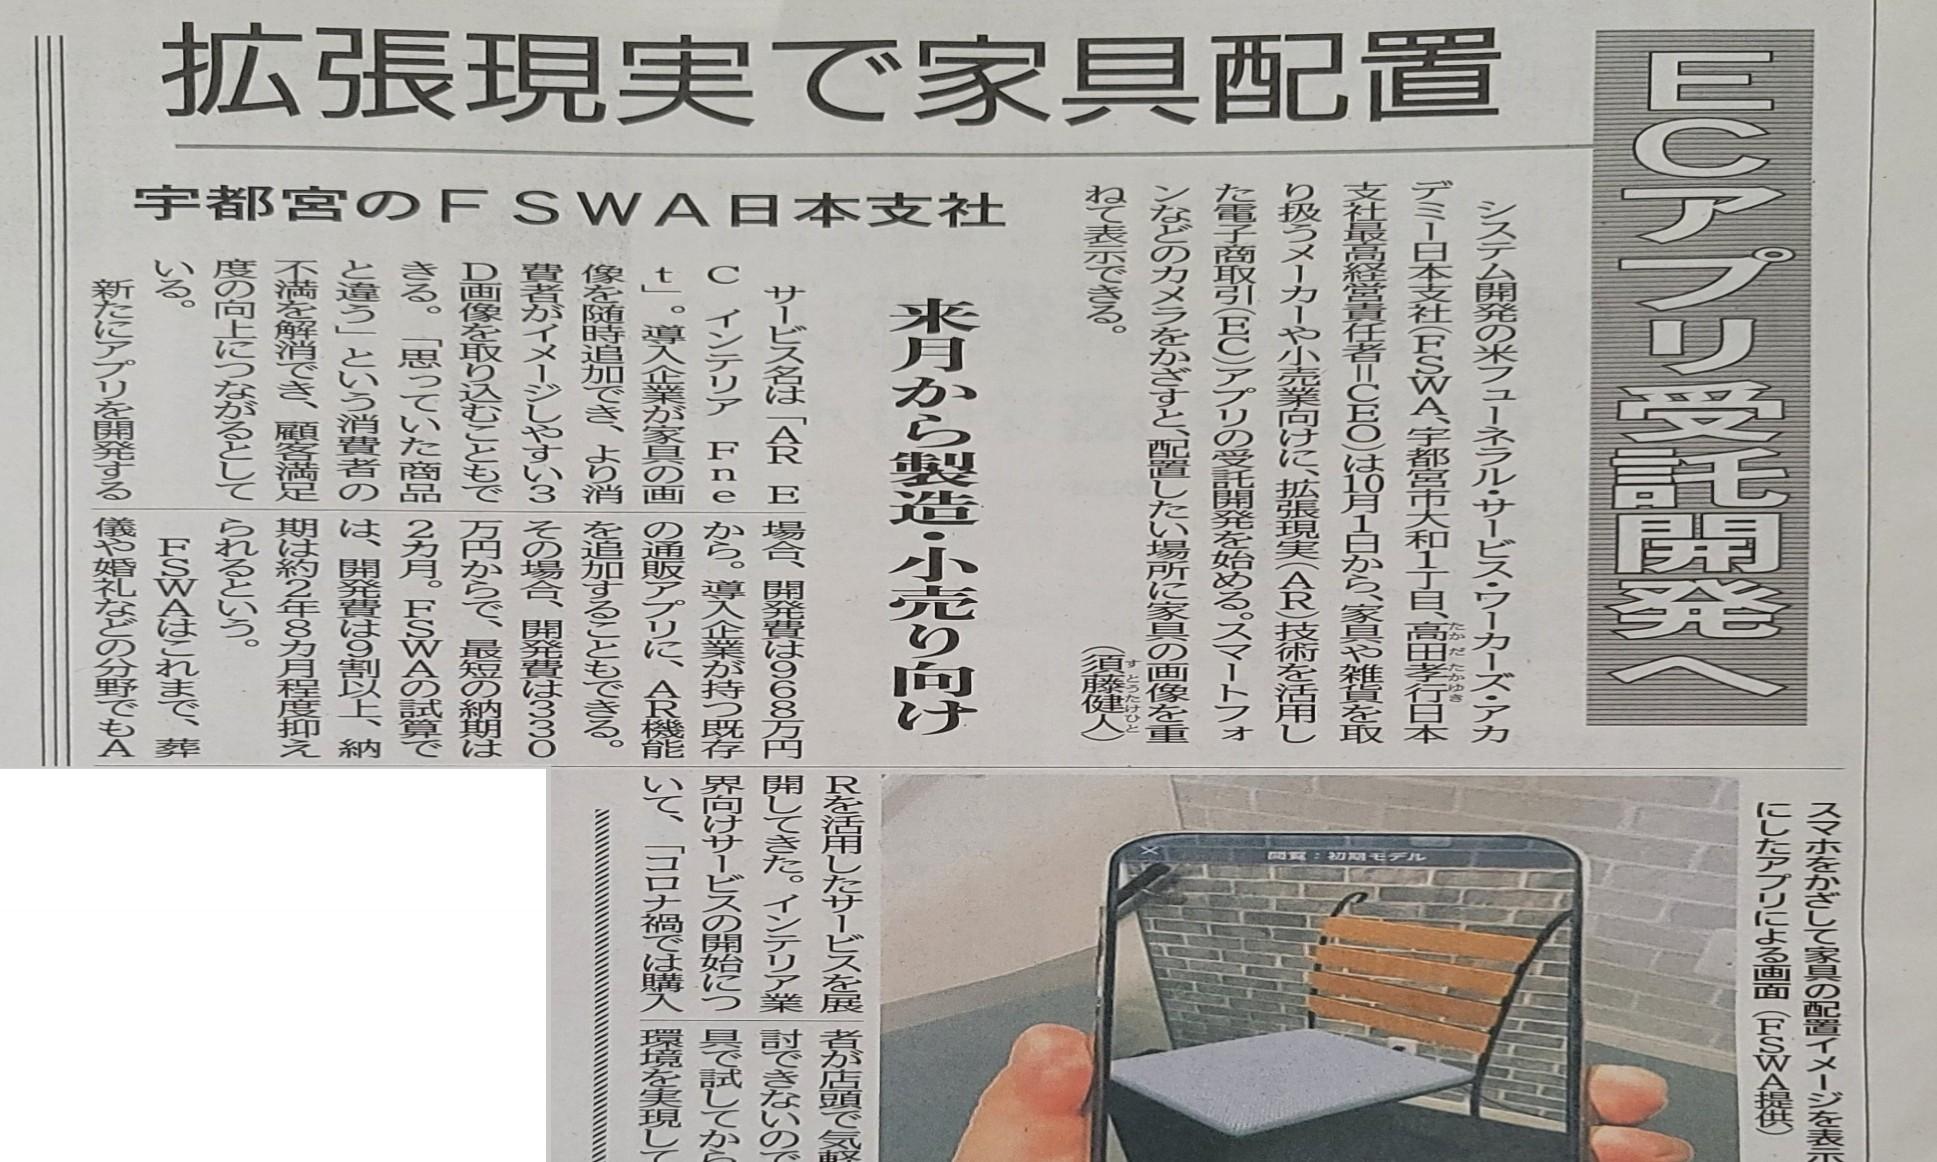 【 AR EC インテリア Fnet 】 栃木県の地方紙「下野新聞」さんに掲載していただきました!